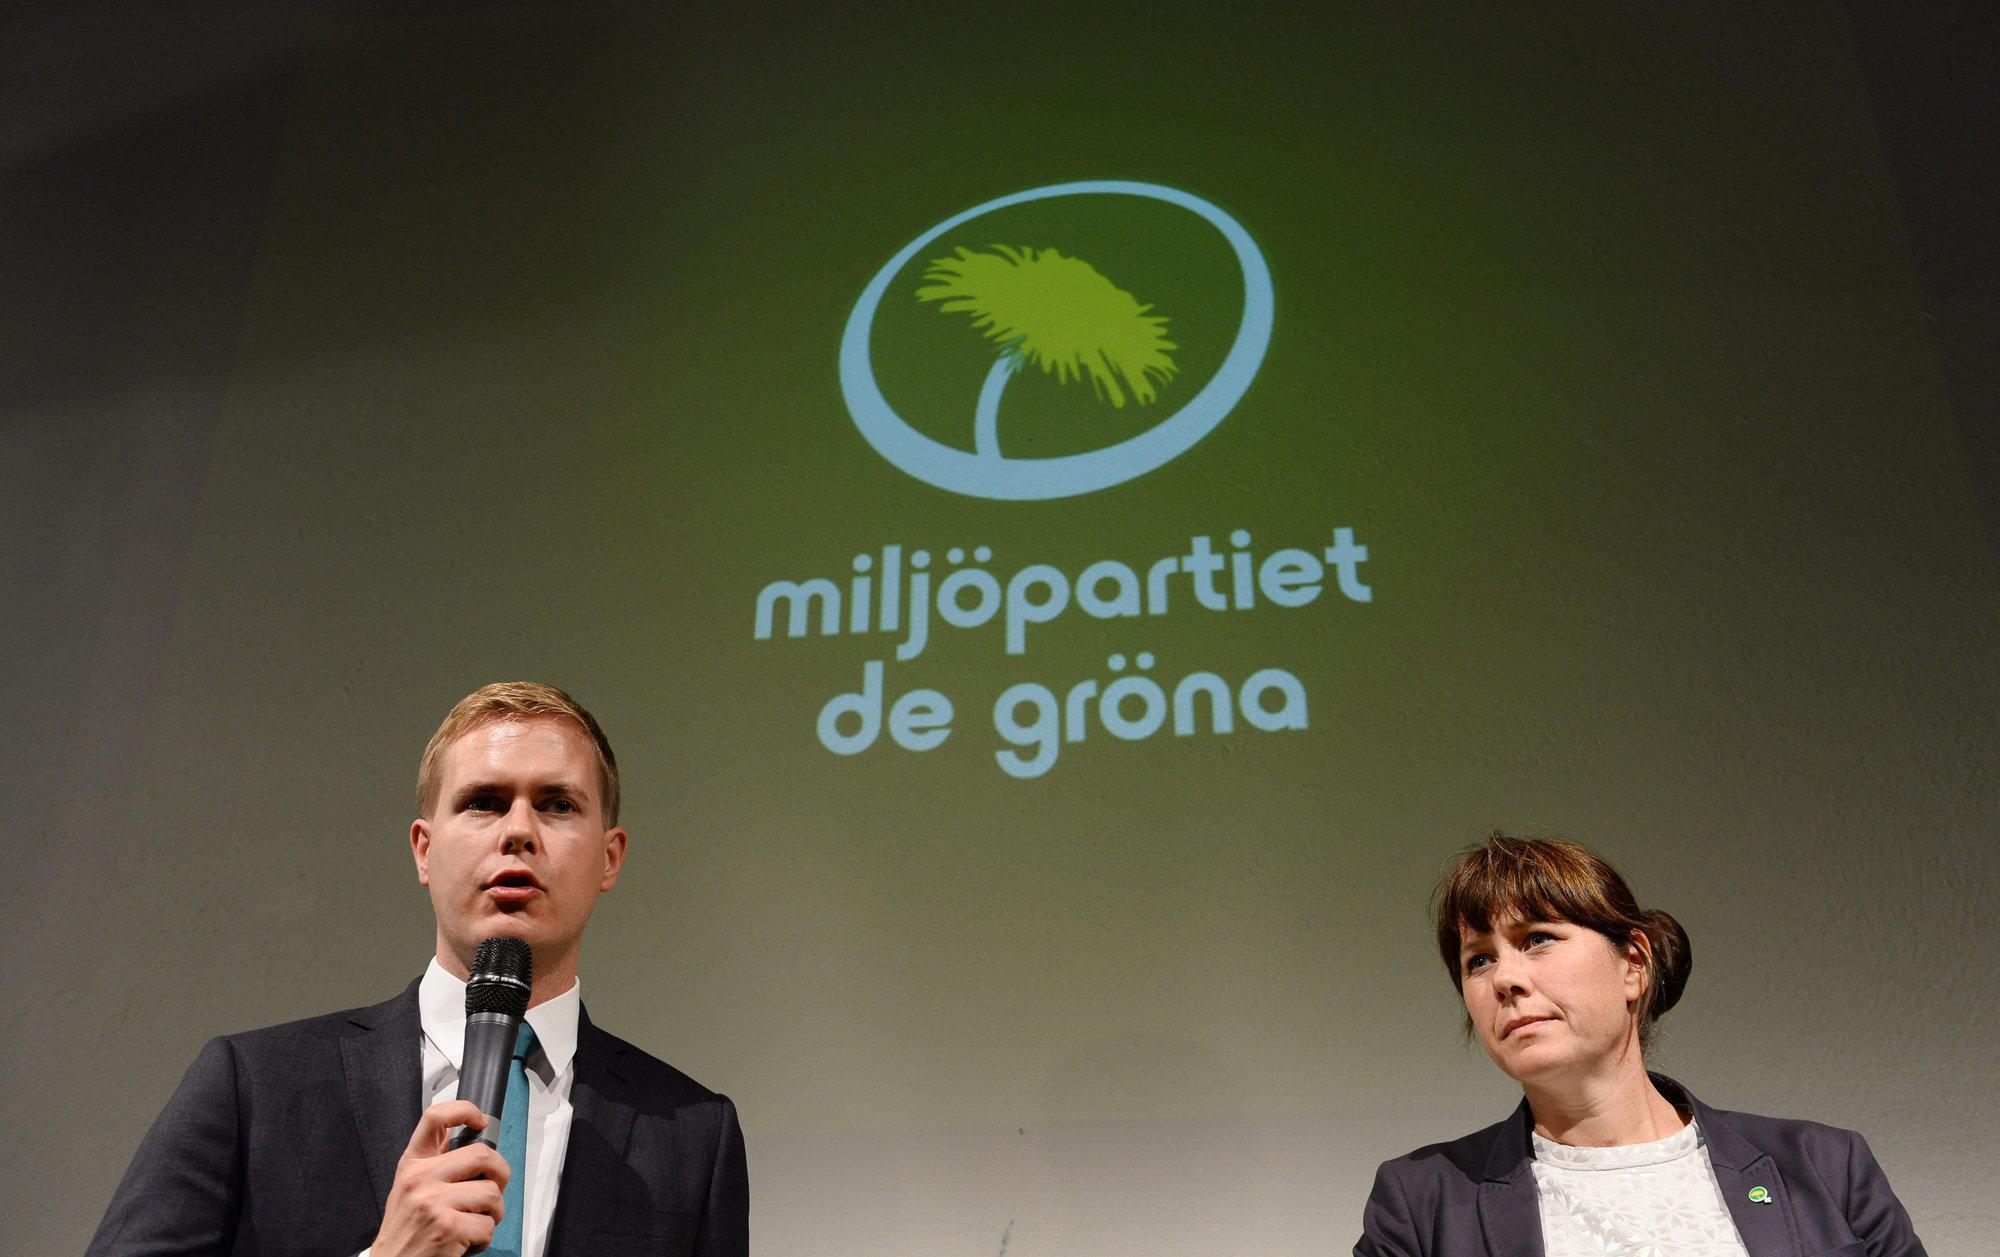 Фанатичные исламисты проникли в правящую шведскую партию?